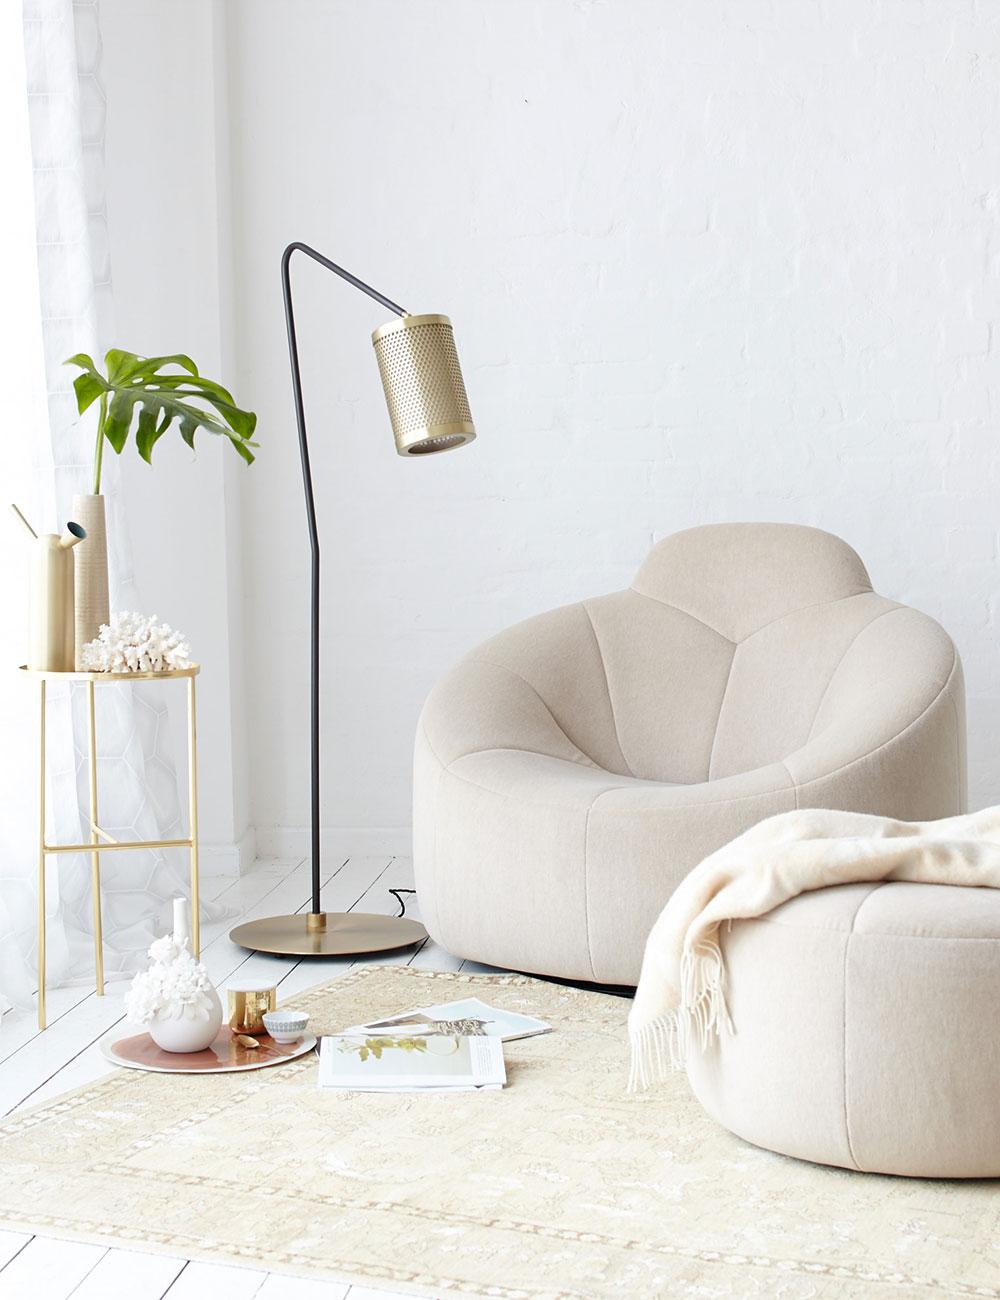 Peter Fehrentz interiordesign photography Innenarchitektur Fotografie Design Möbeldesign Furnituredesign Schöner Wohnen white and camel brass ligne roset